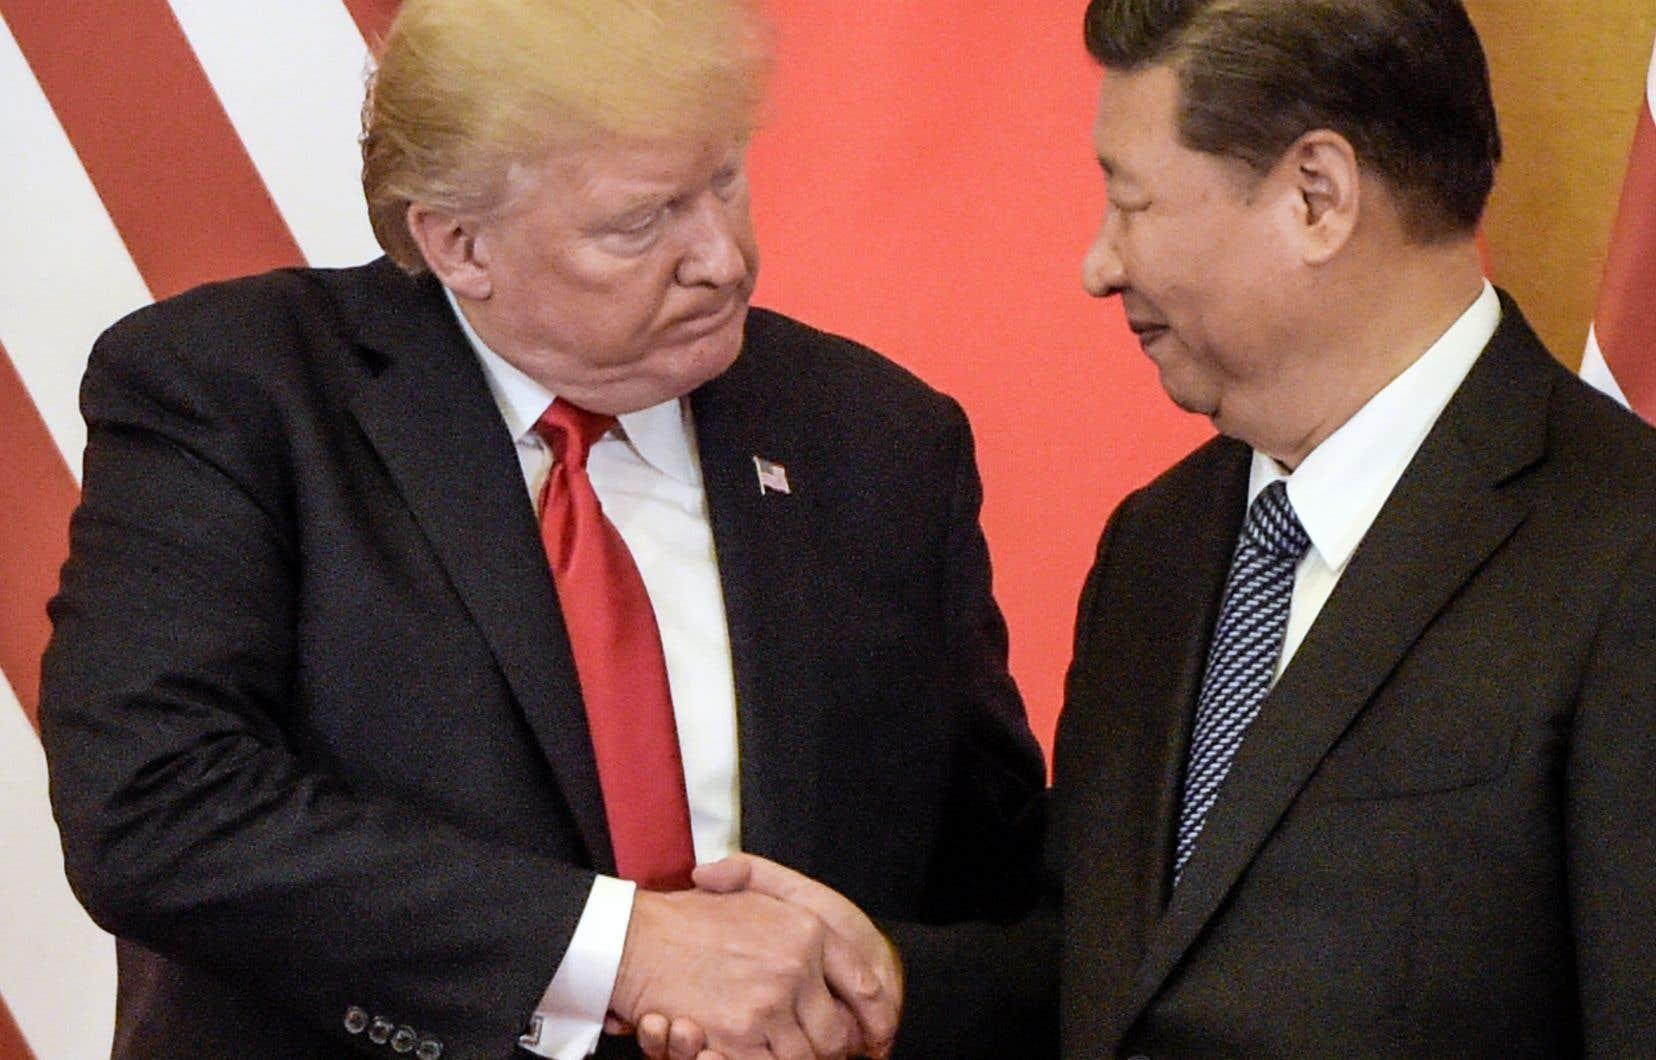 Donald Trump entretient de bonnes relations avec Xi Jinping, et avait estimé à son retour à Washington que les discussions sur la Corée du Nord avaient été concluantes.